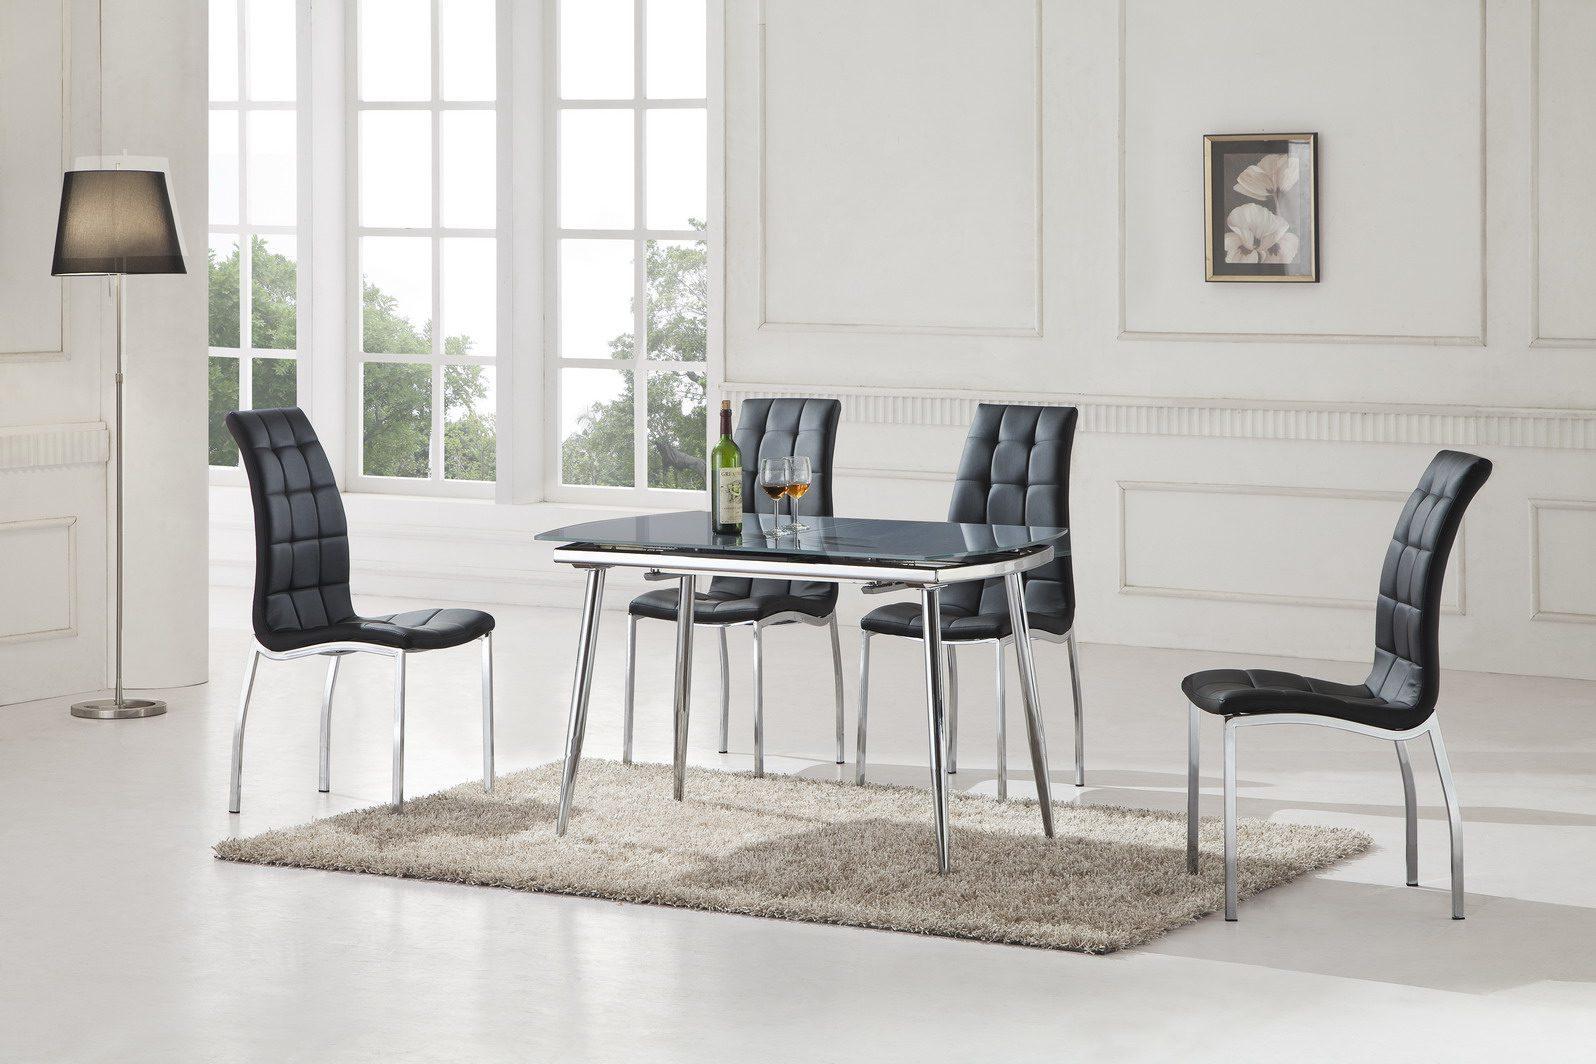 Стол ESF LT6230 серый, Стулья ESF365 черный